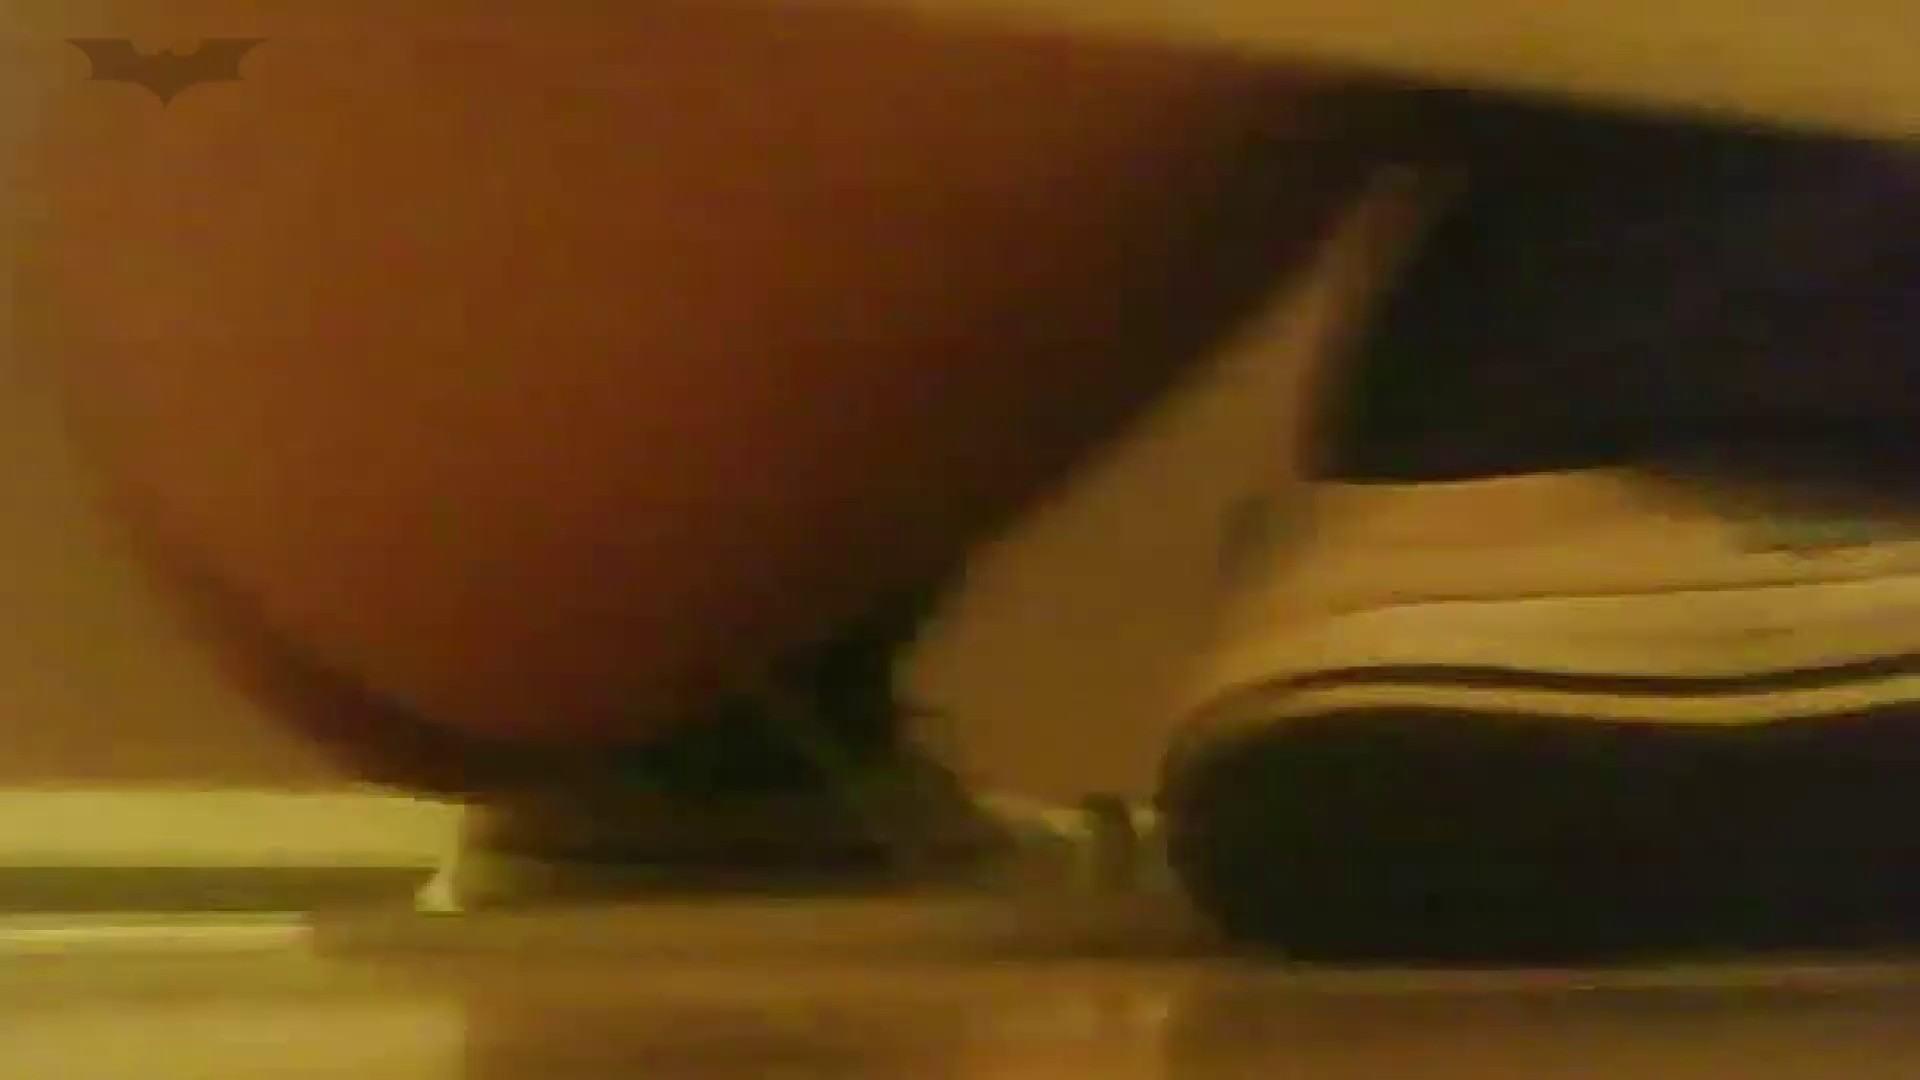 夏の思い出浜辺トイレ盗撮Vol.18 潜入エロ調査 | 盗撮エロすぎ  65連発 50